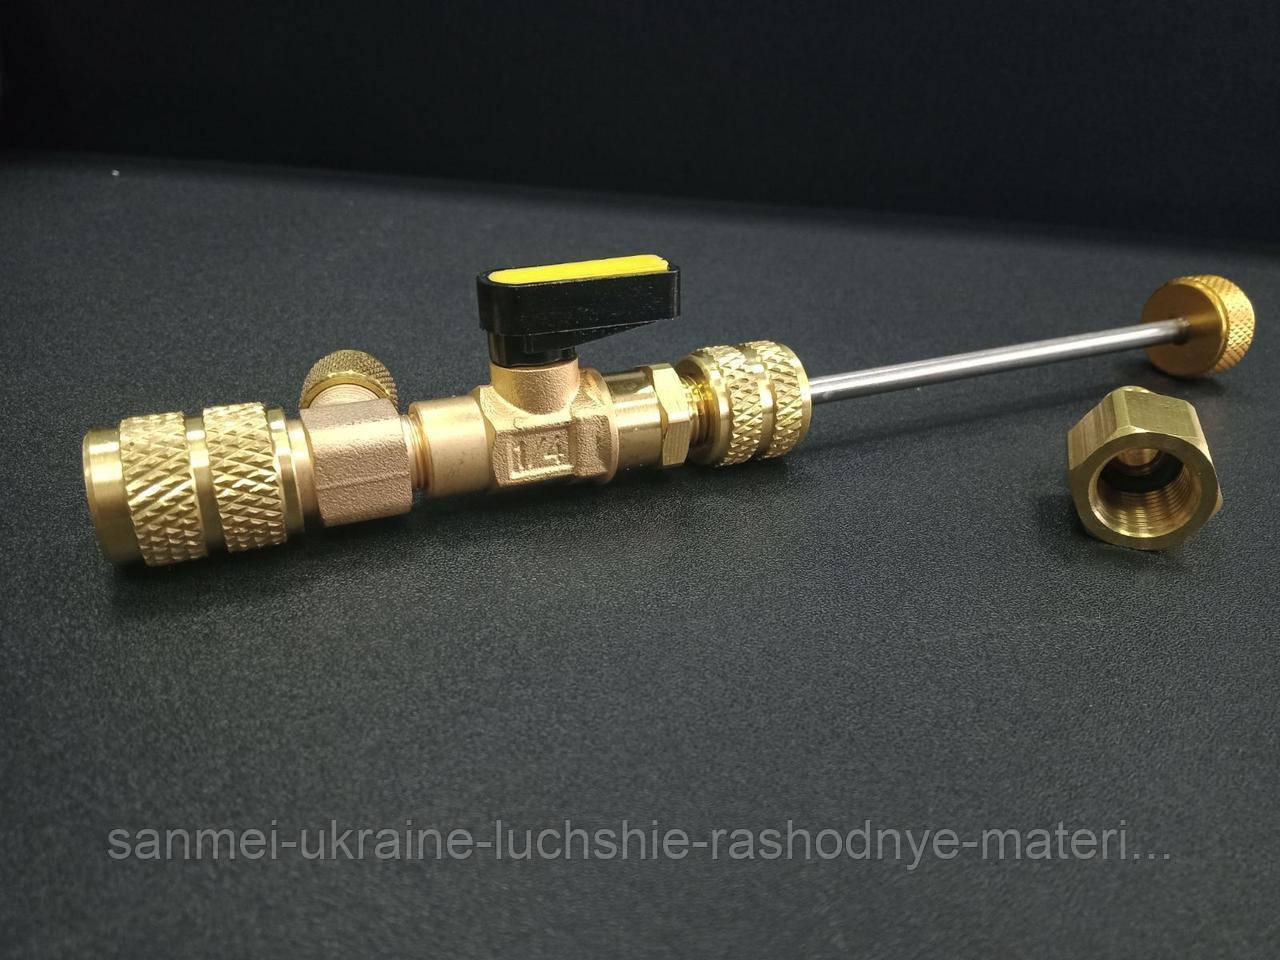 Съемник для замены клапанов / ниппеля под давлением и заправки